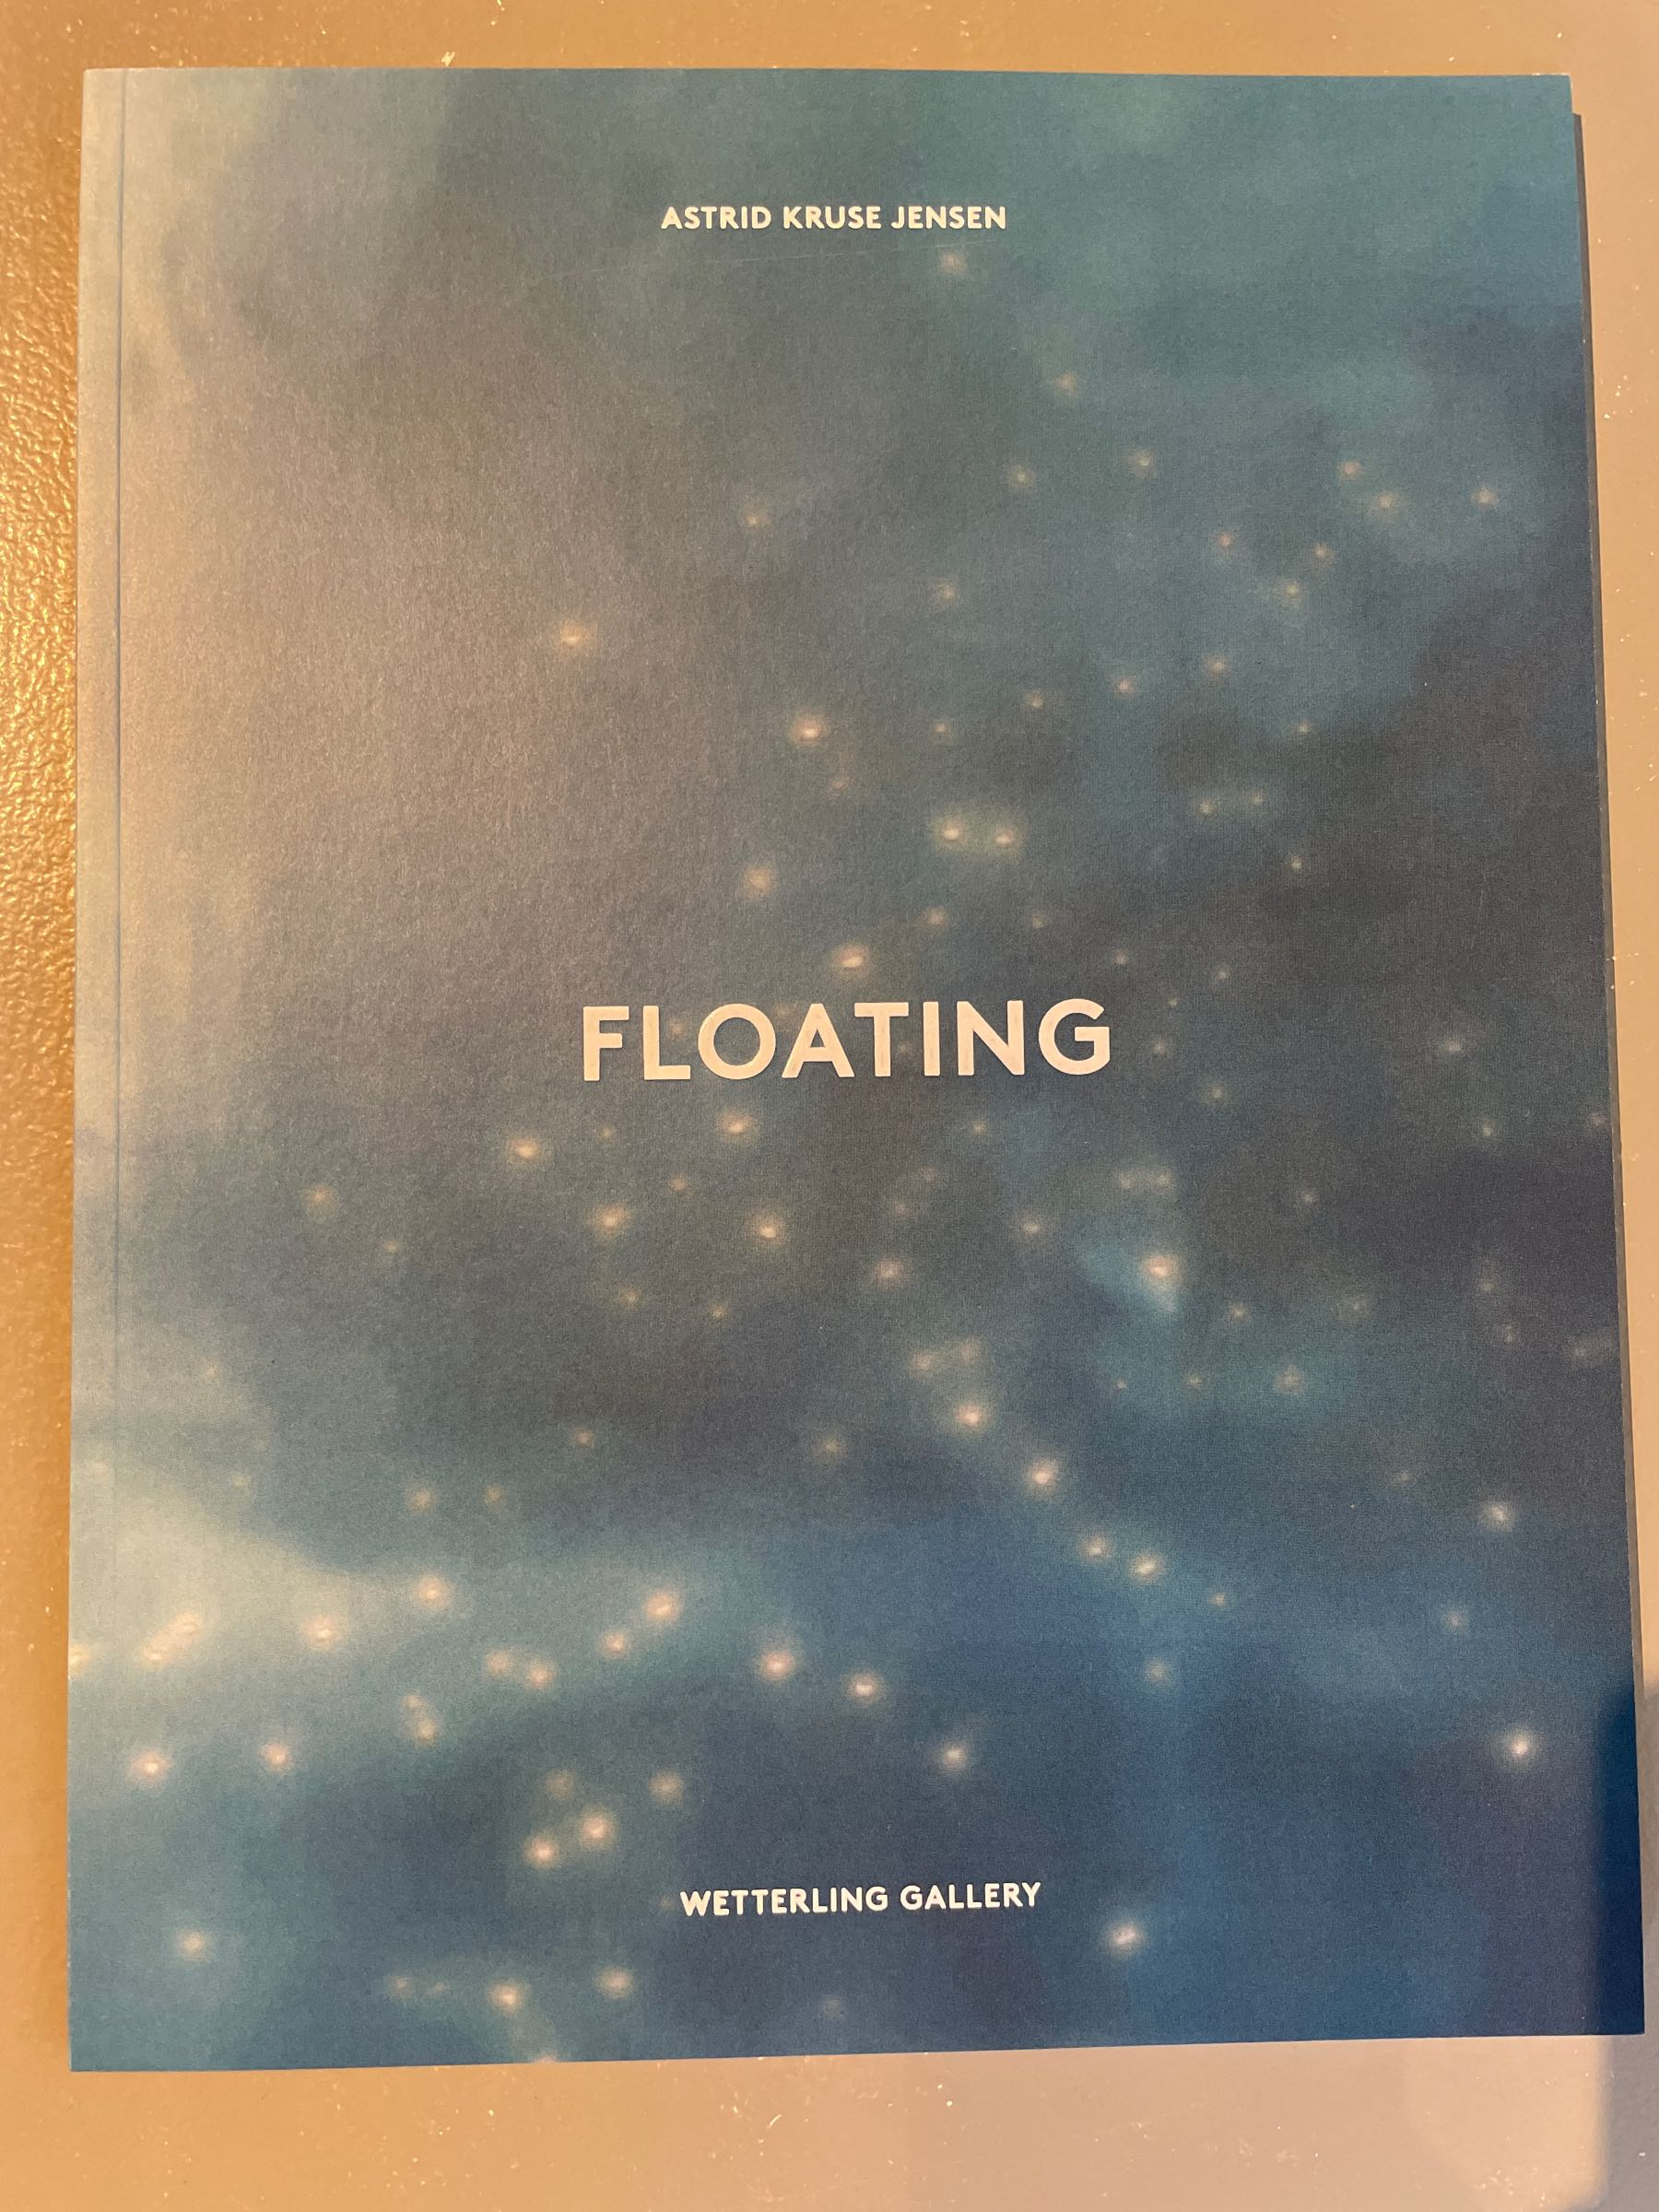 Jensen, Astrid Kruse. Floating